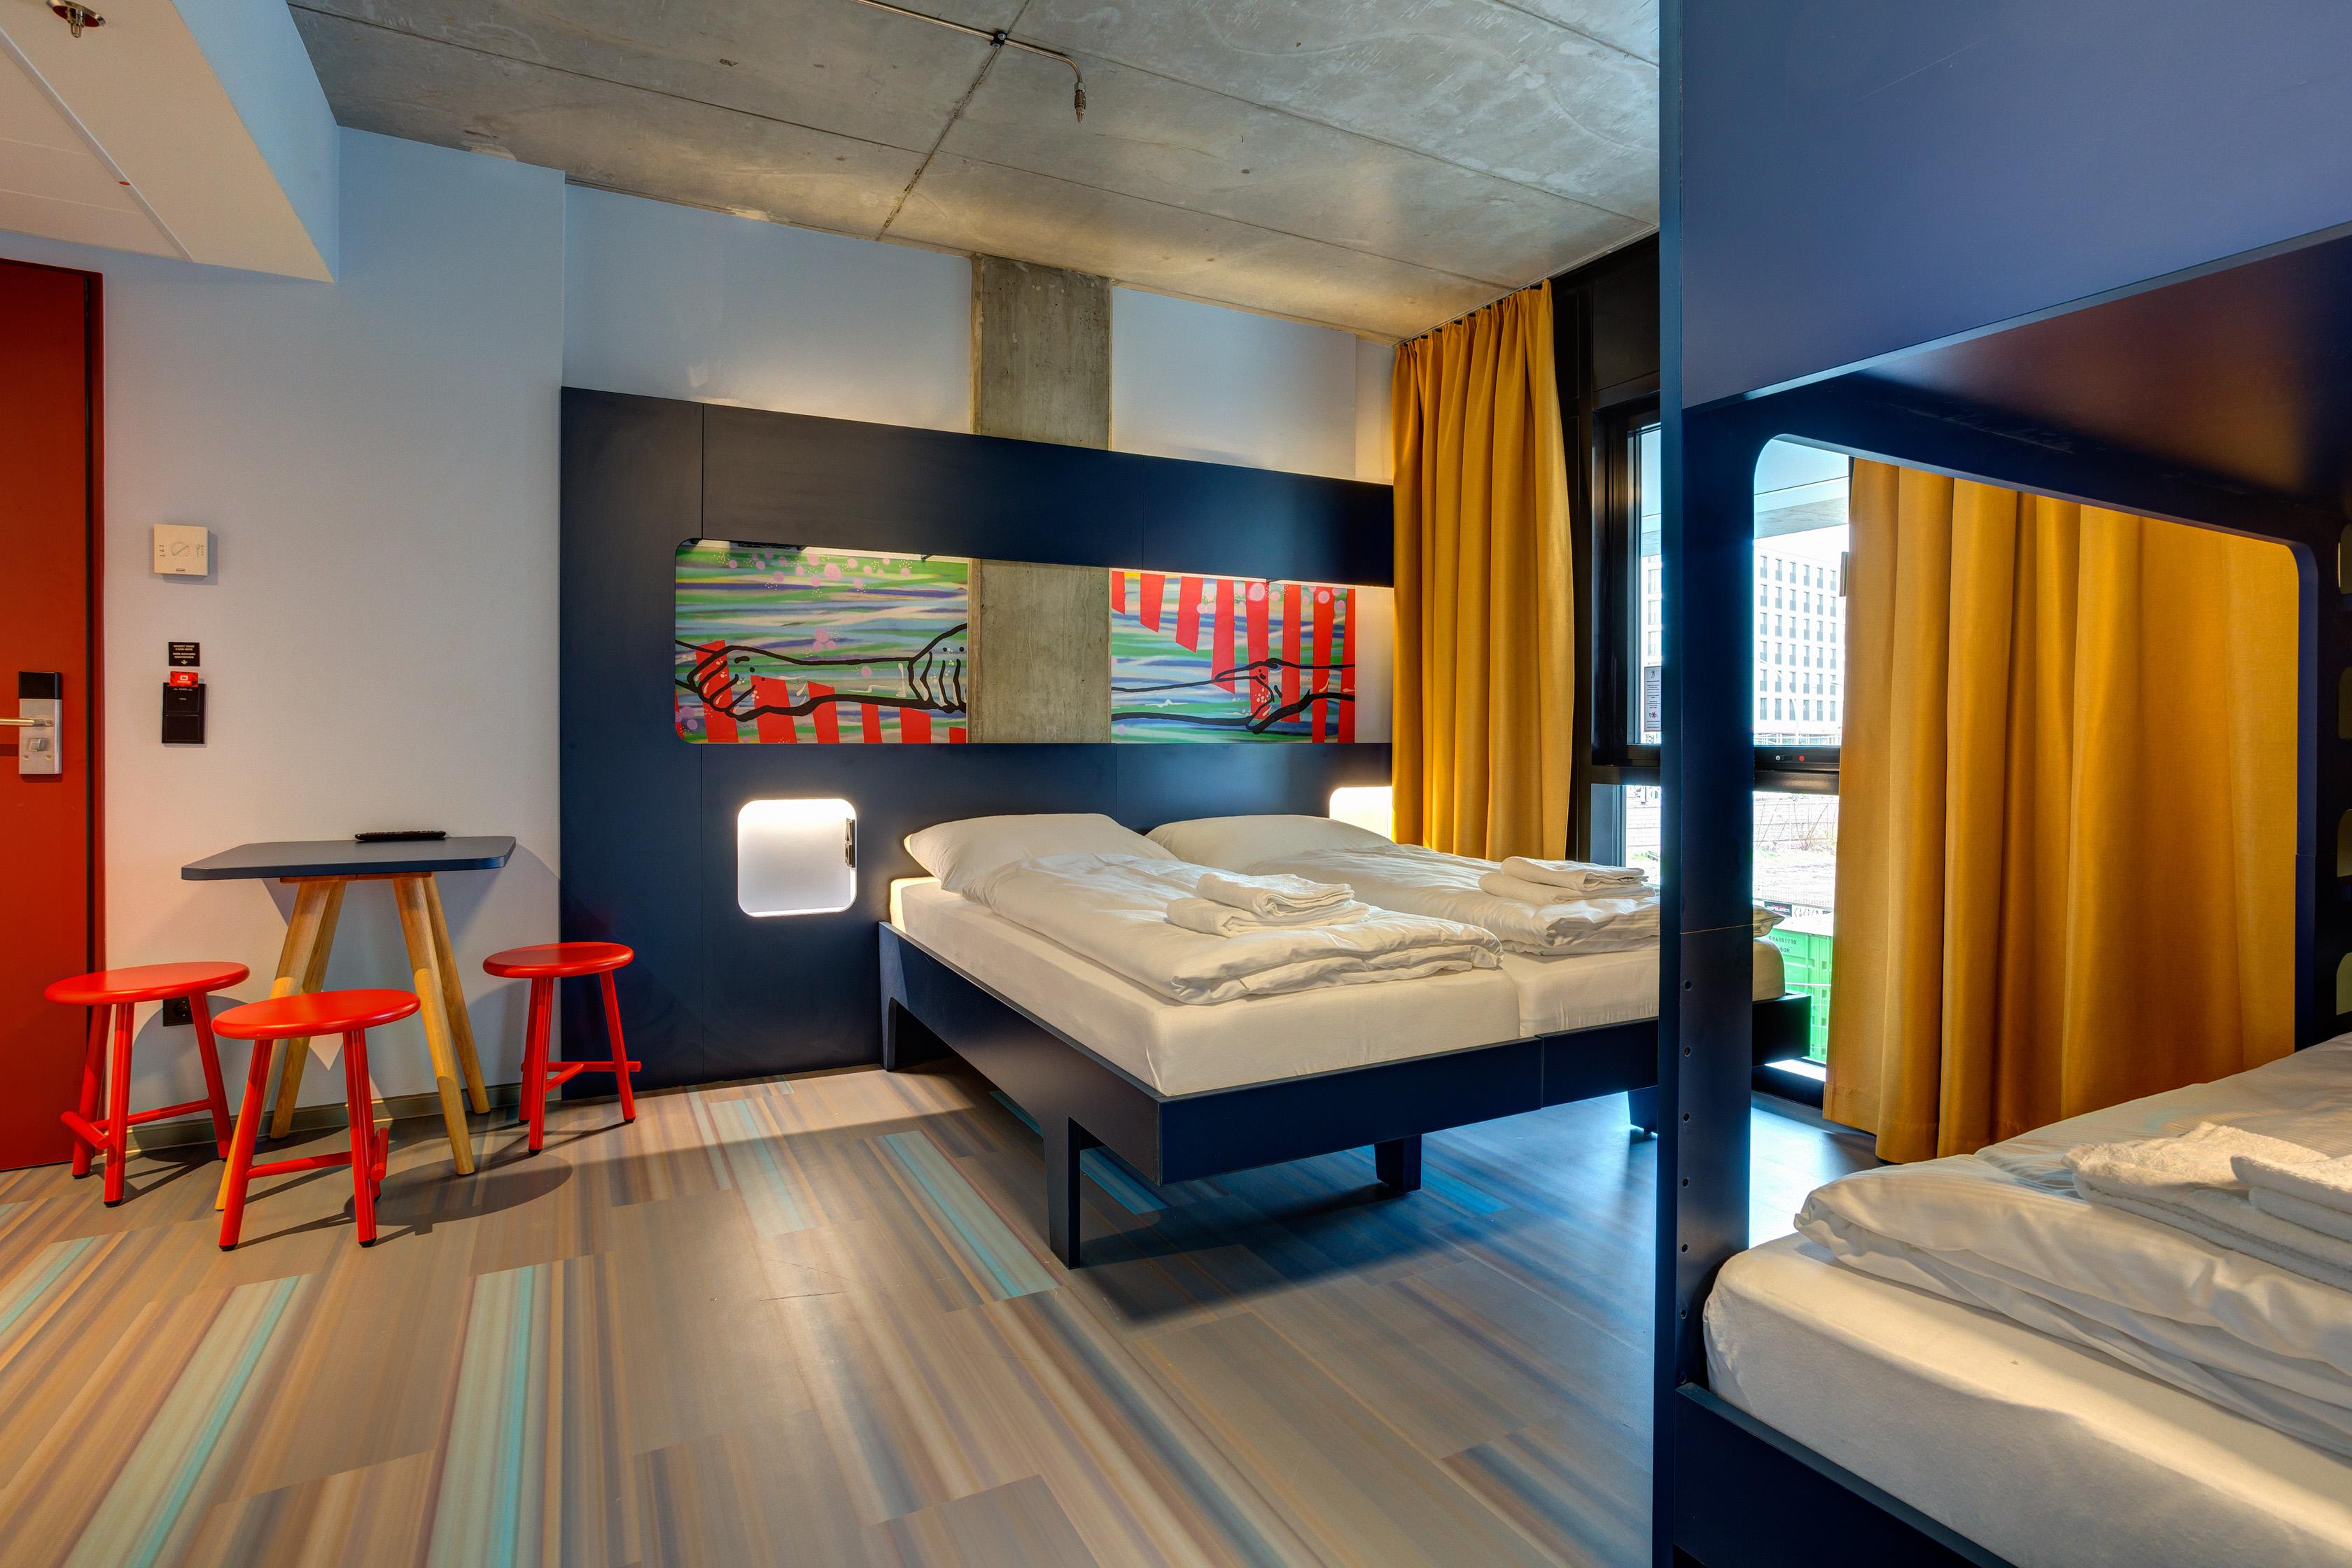 MEININGER Hotel Berlin East Side Gallery - Family Room